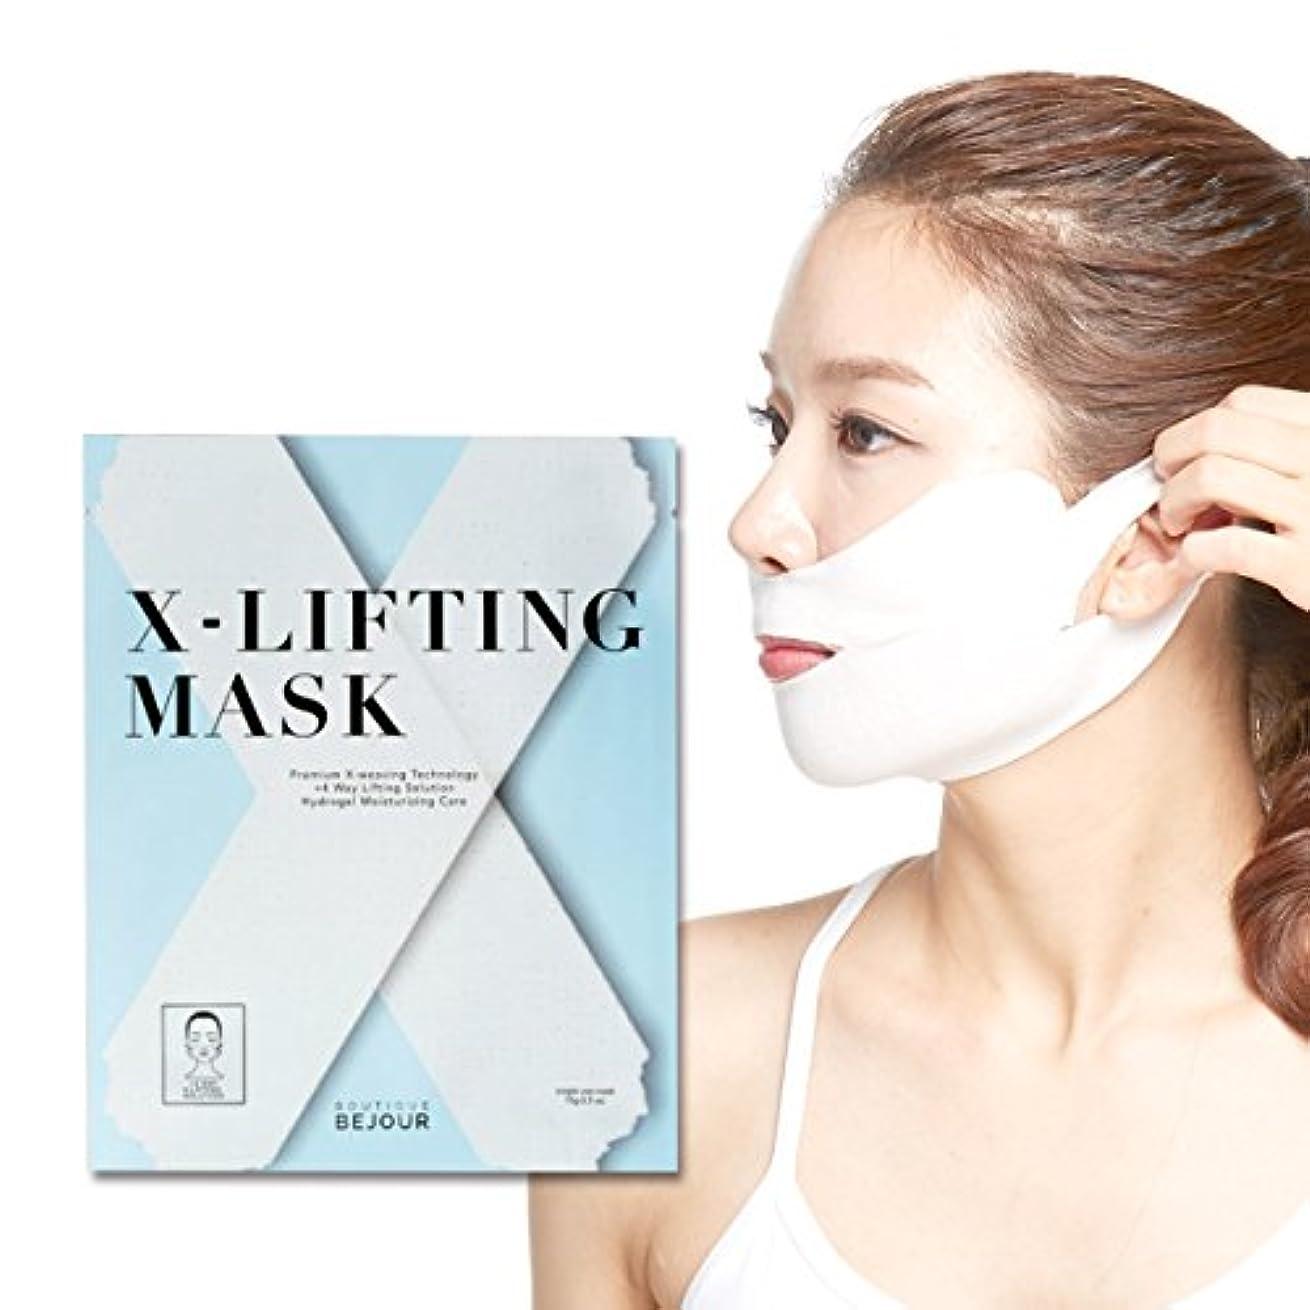 わずかに並外れて不確実< ビジュール > X-Lifting (エックスリフティング) マスク [ リフトアップ フェイスマスク フェイスシート フェイスパック フェイシャルマスク シートマスク フェイシャルシート フェイシャルパック ローションマスク ローションパック 顔パック ]